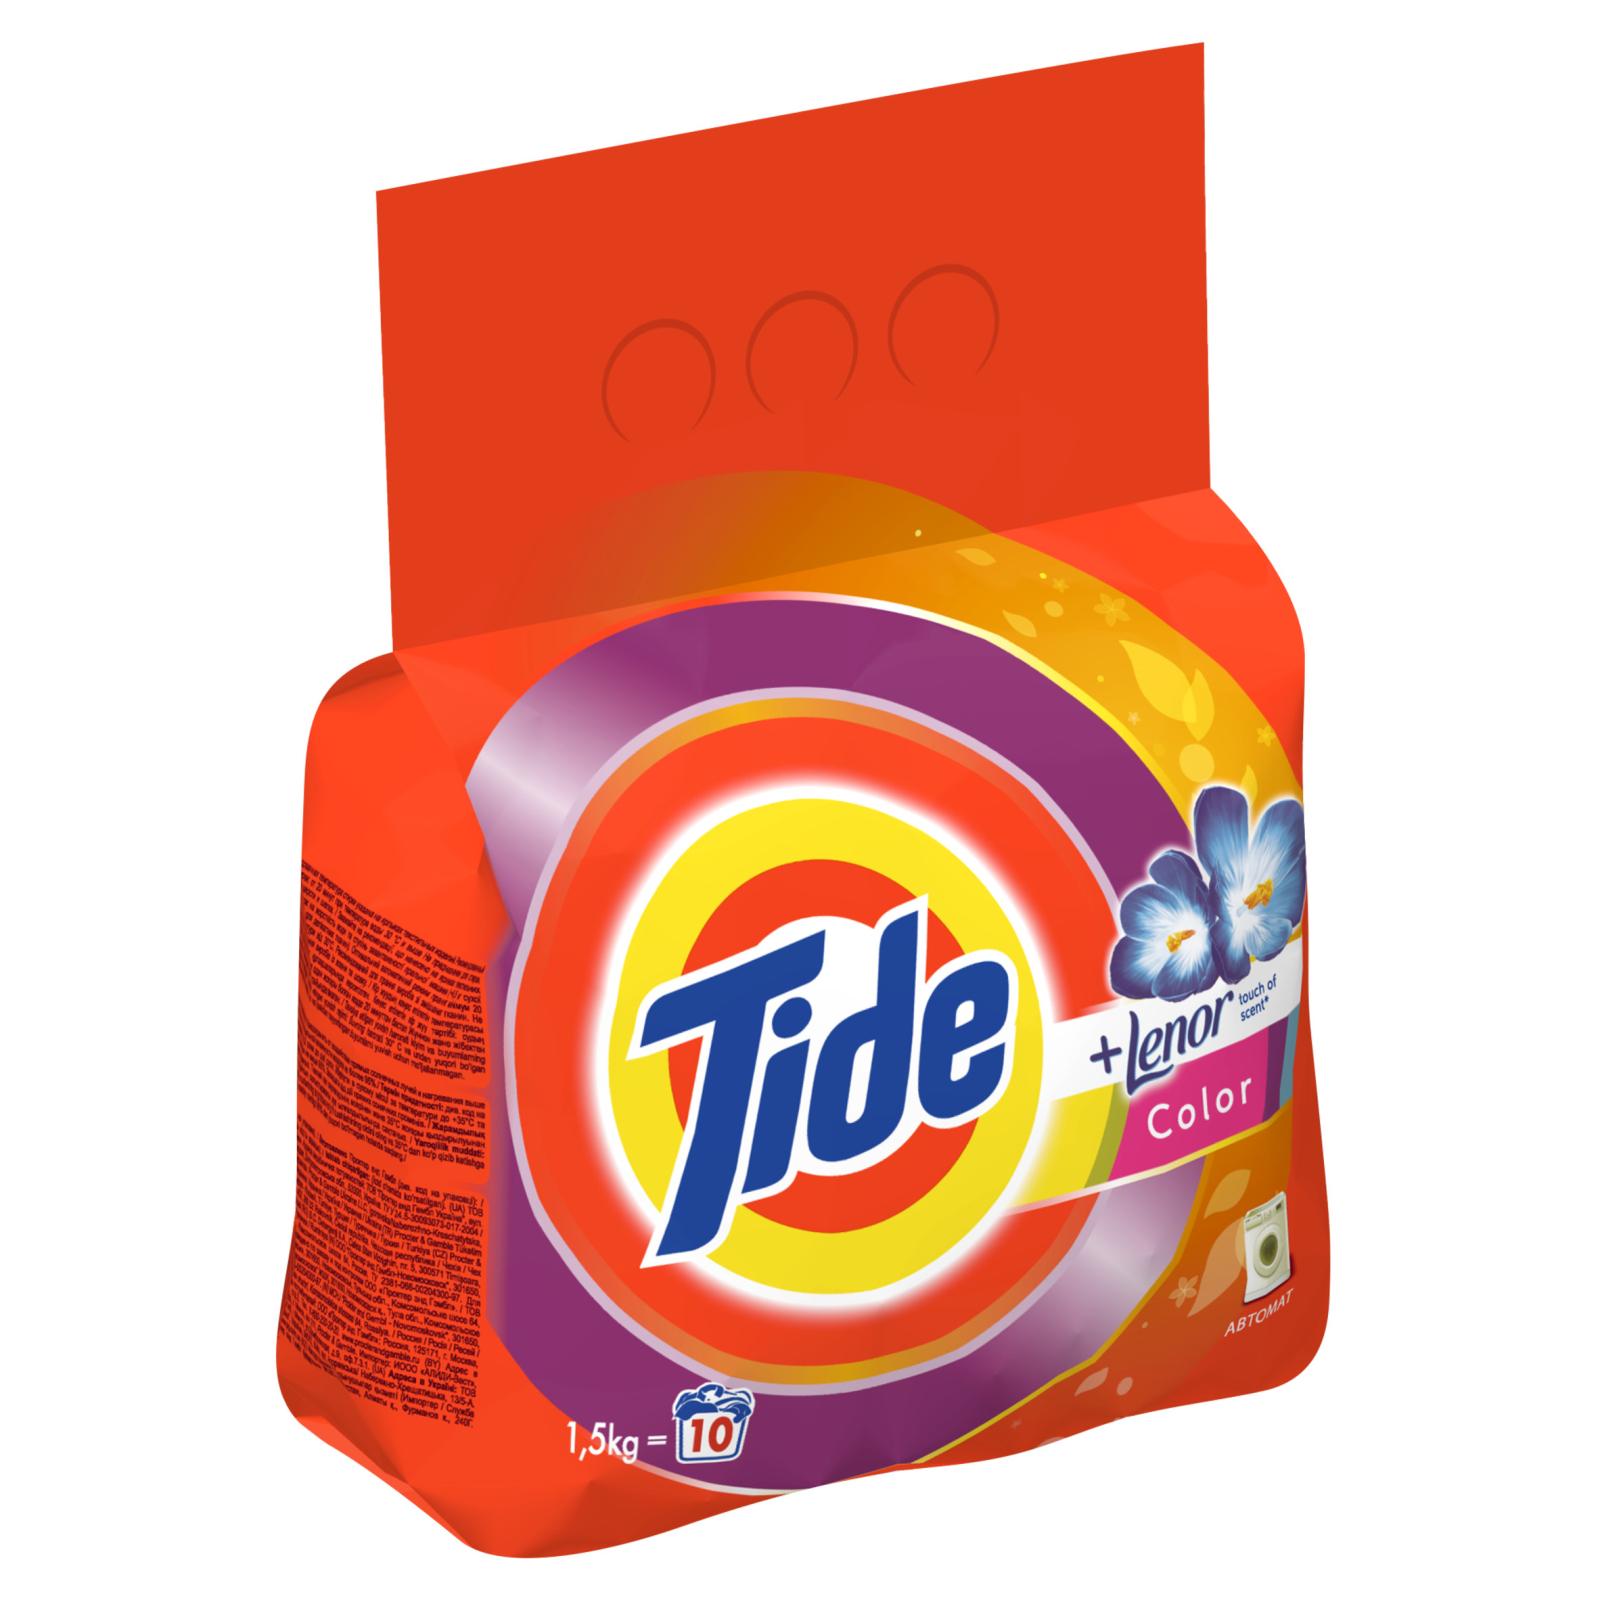 Стиральный порошок Tide Color Lenor Touch of Scent 1,5 кг (5410076454723)